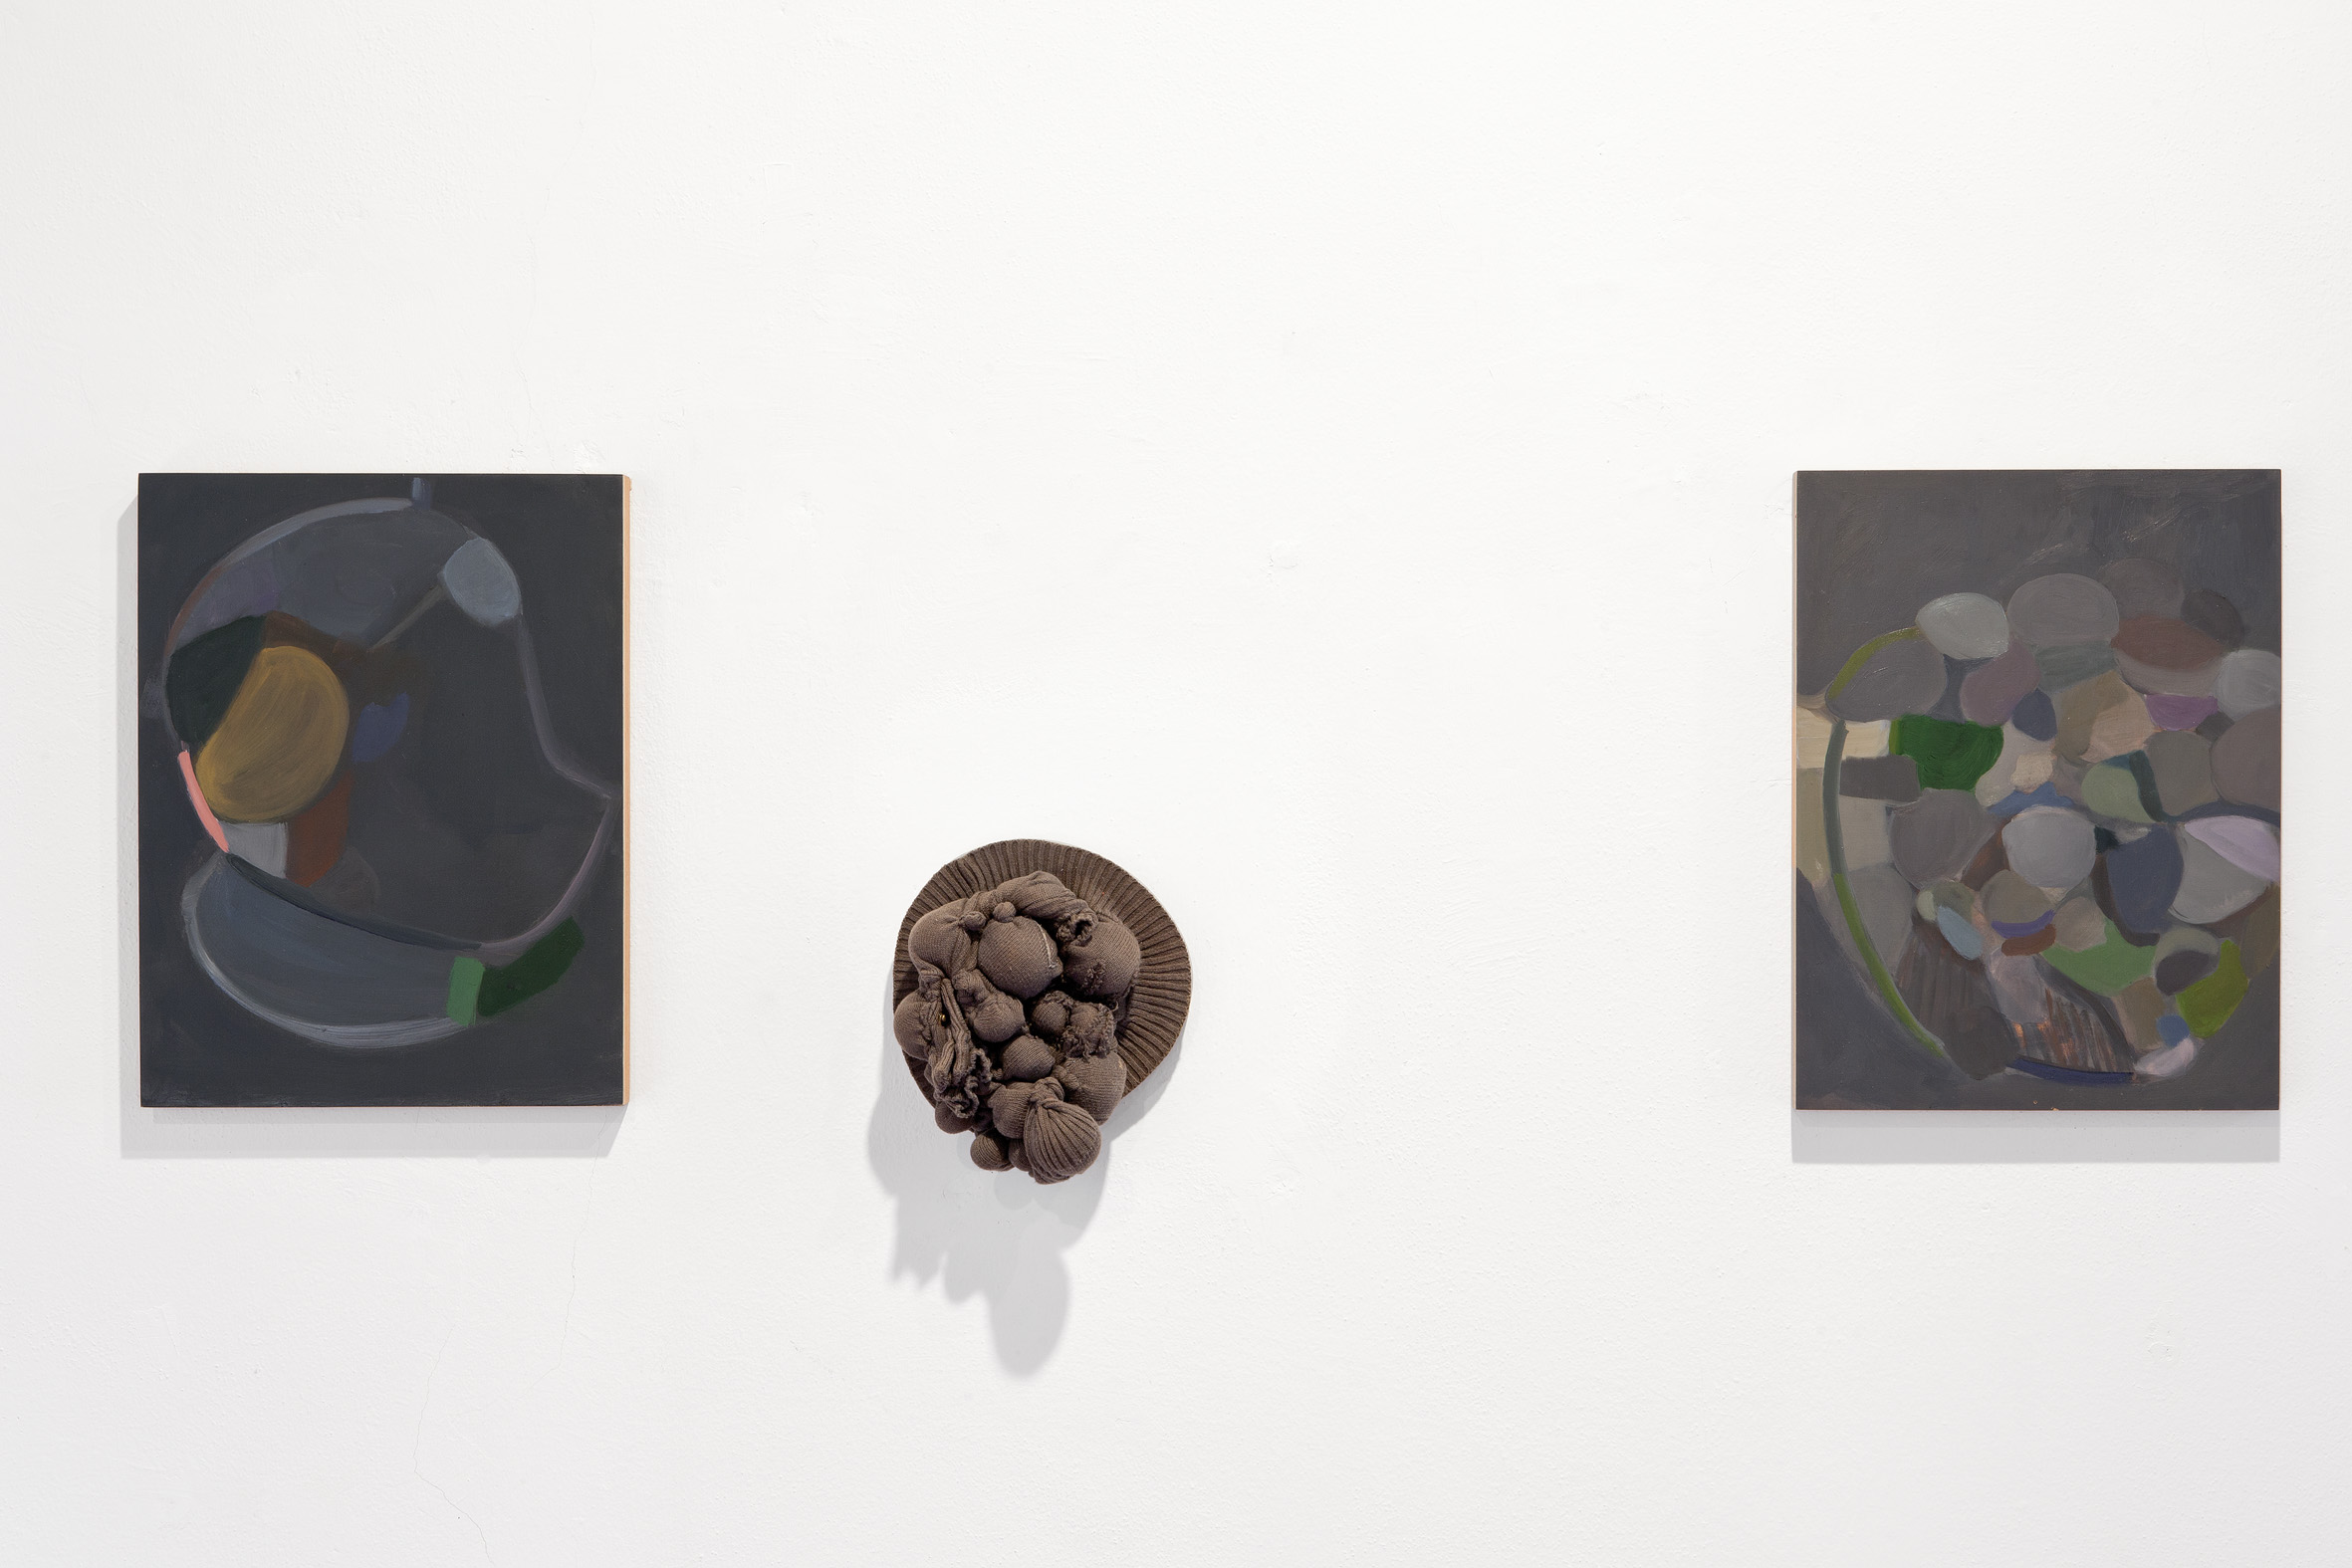 Beatrice Meoni -  So small  2016 - Olio su mdf - cm 40x30x2/ Silvia Vendramel -  Still life  1007 - Tessuto imbottito e marmo - cm 21x20x10